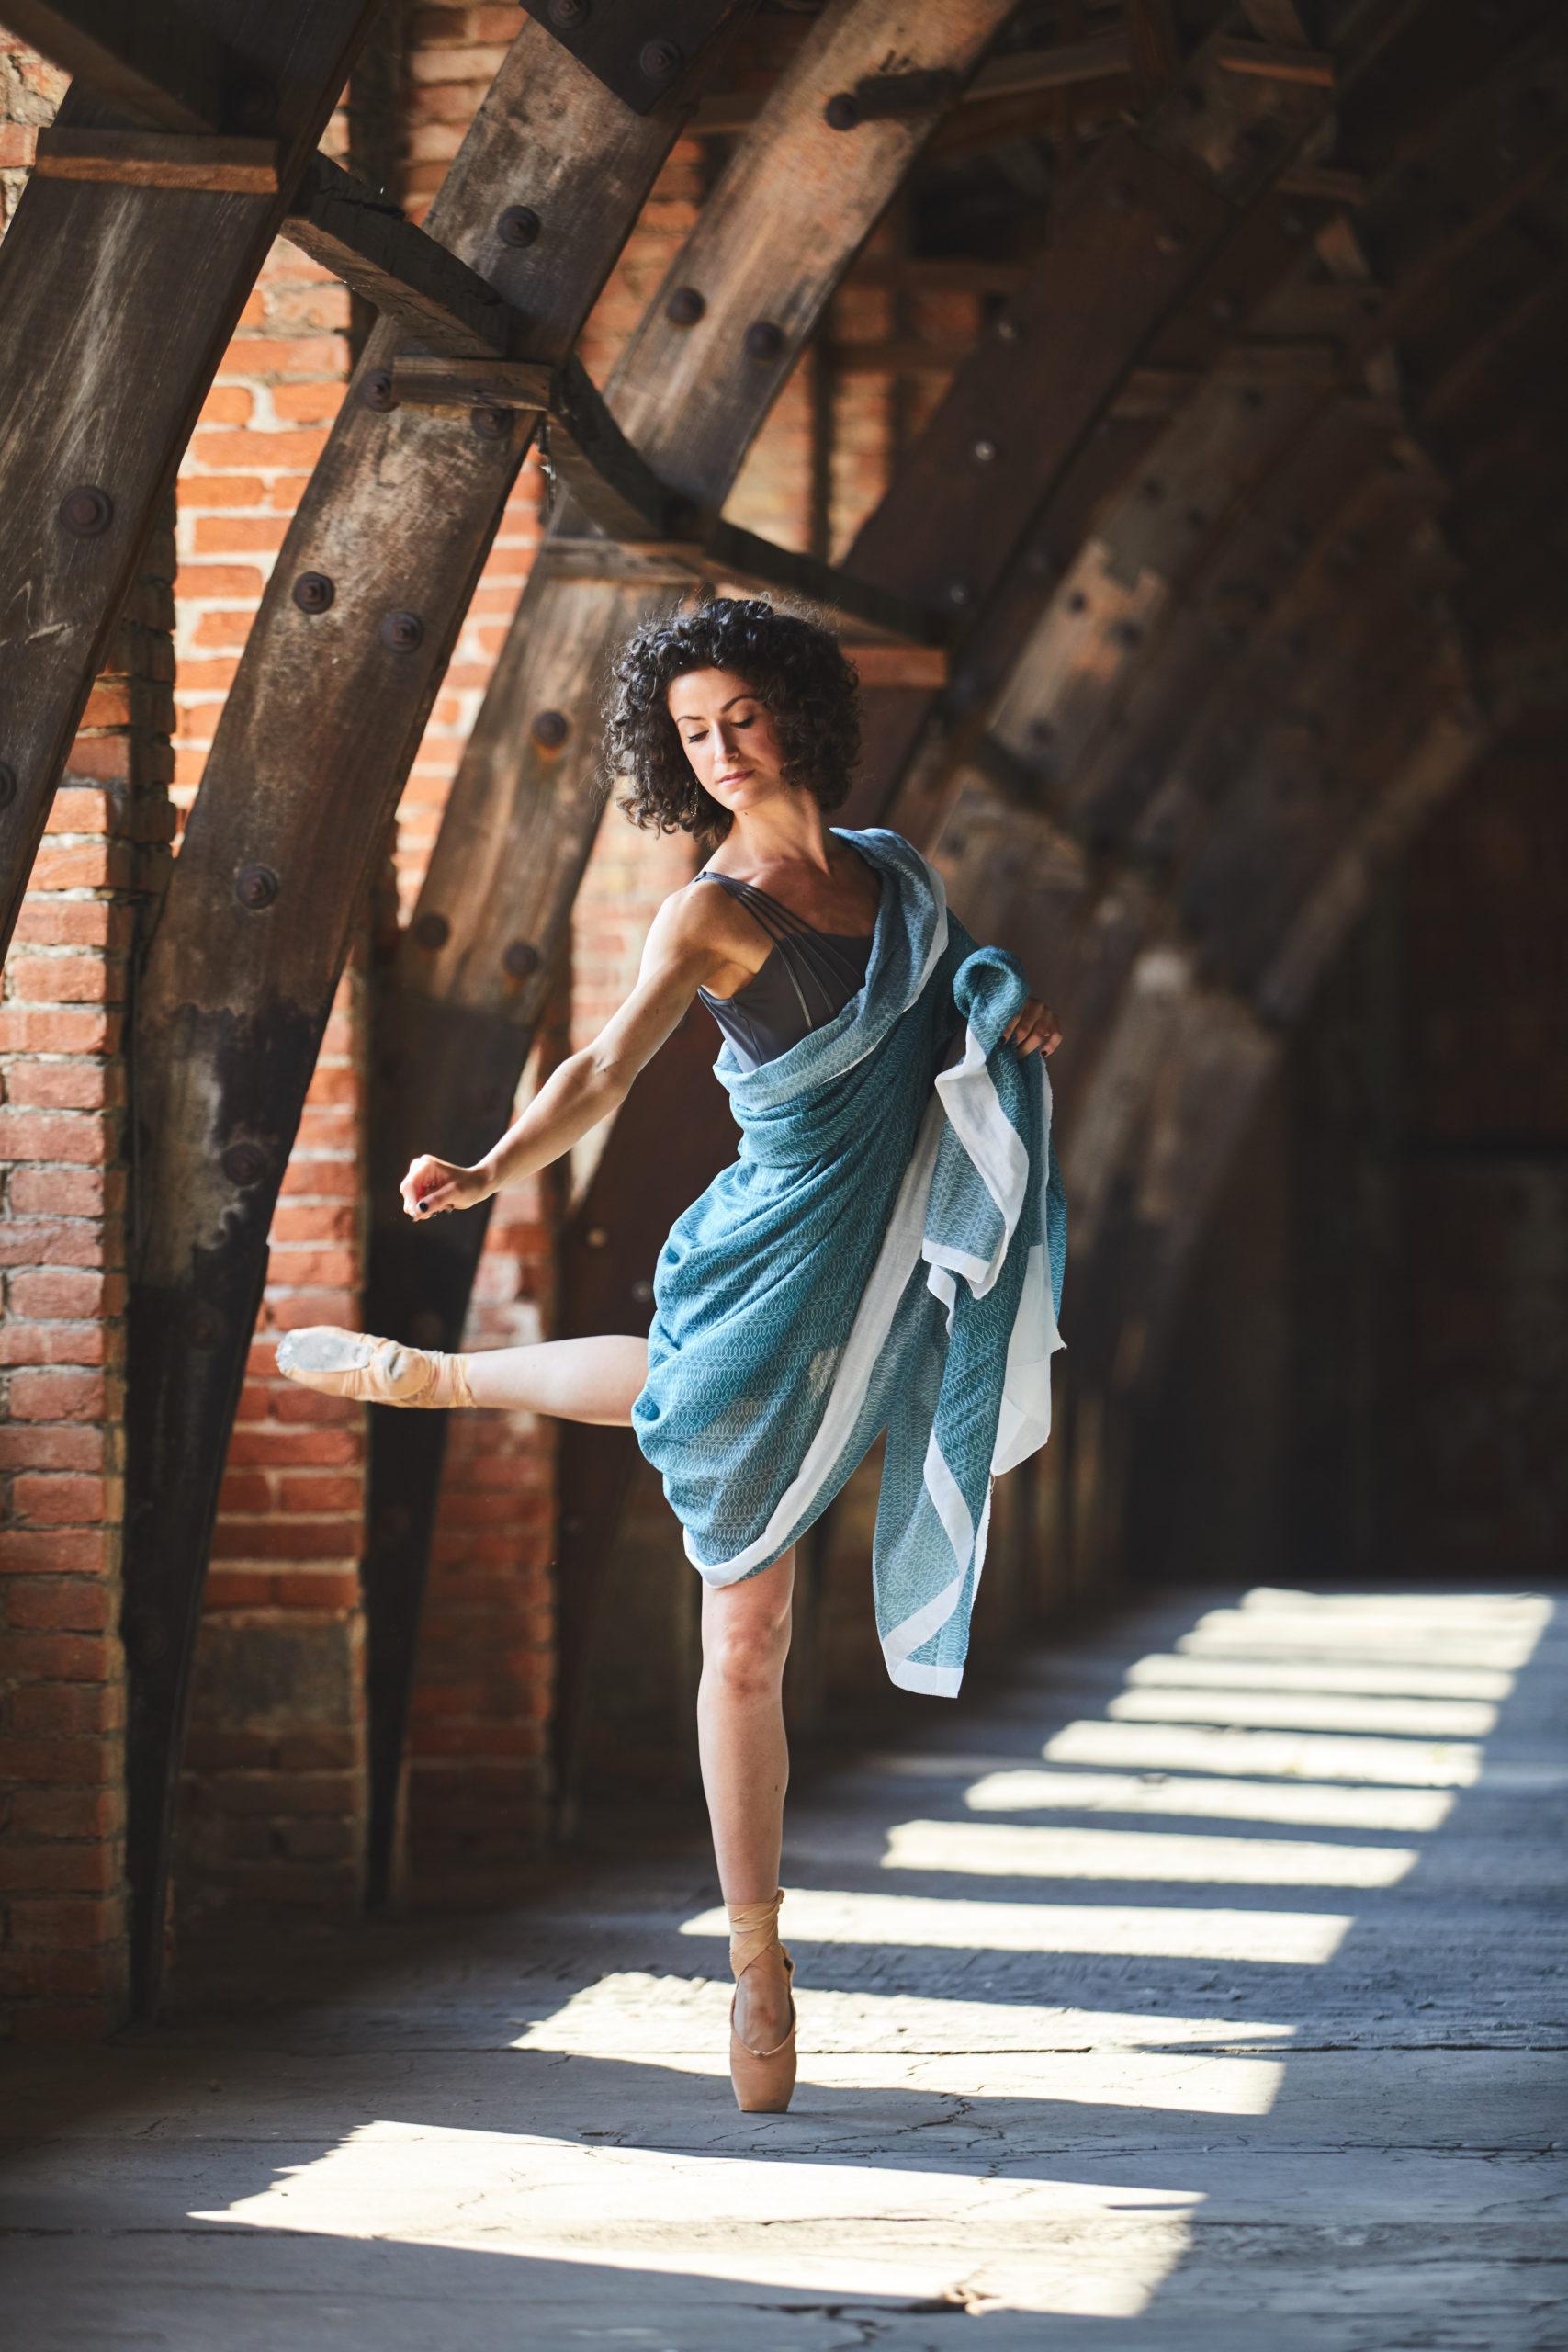 Fotografo moda Biella Zin modella ritratto commerciale corporate